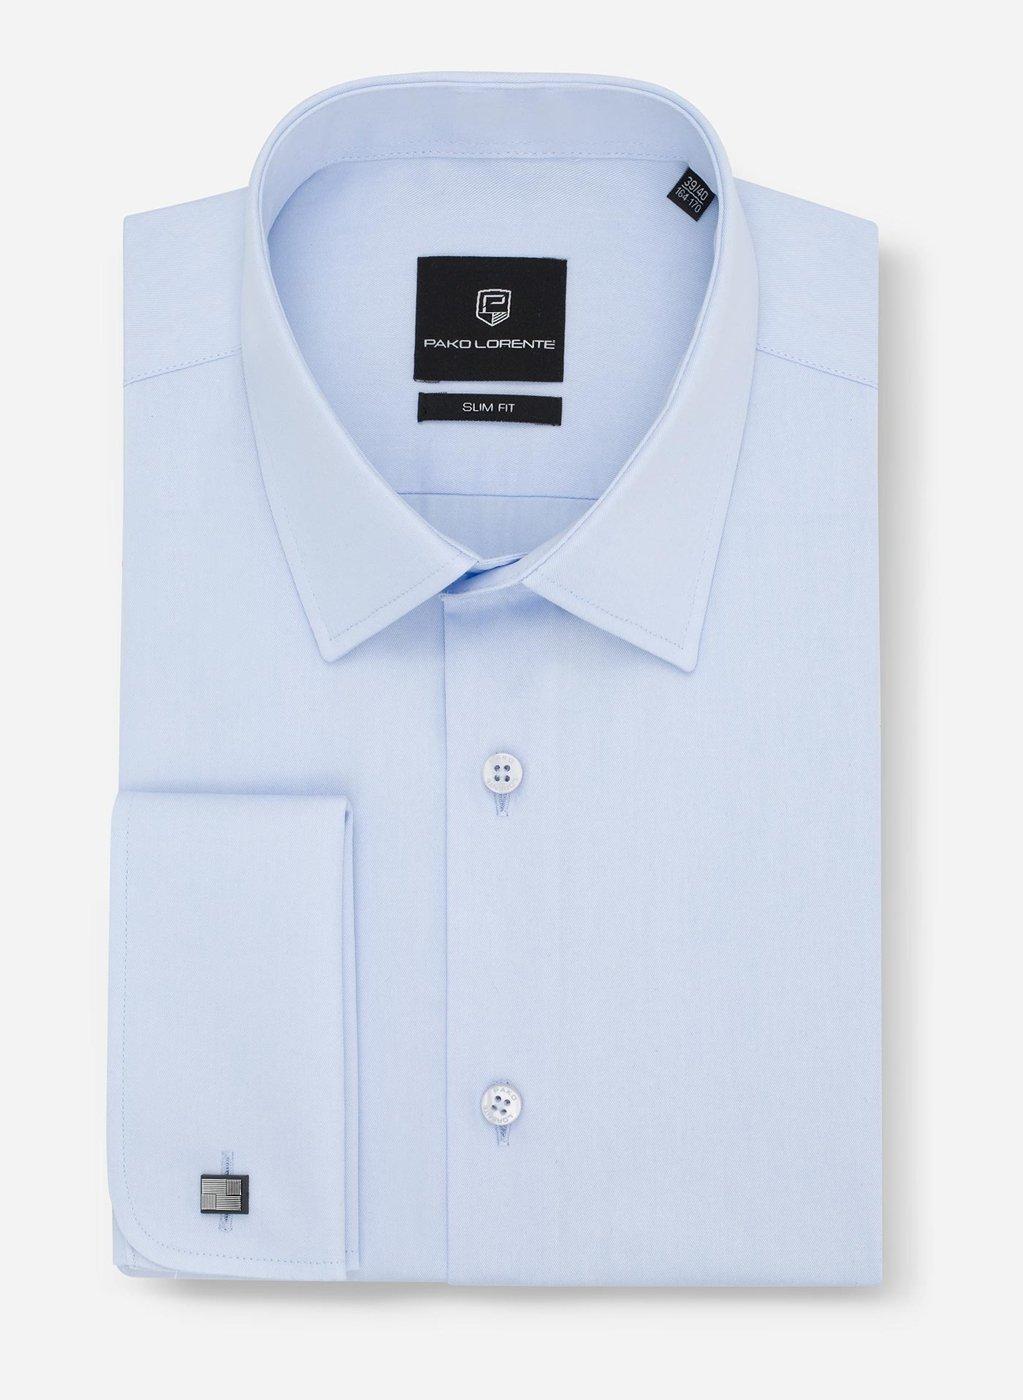 Koszula męska EGON PLM-1X-461-N